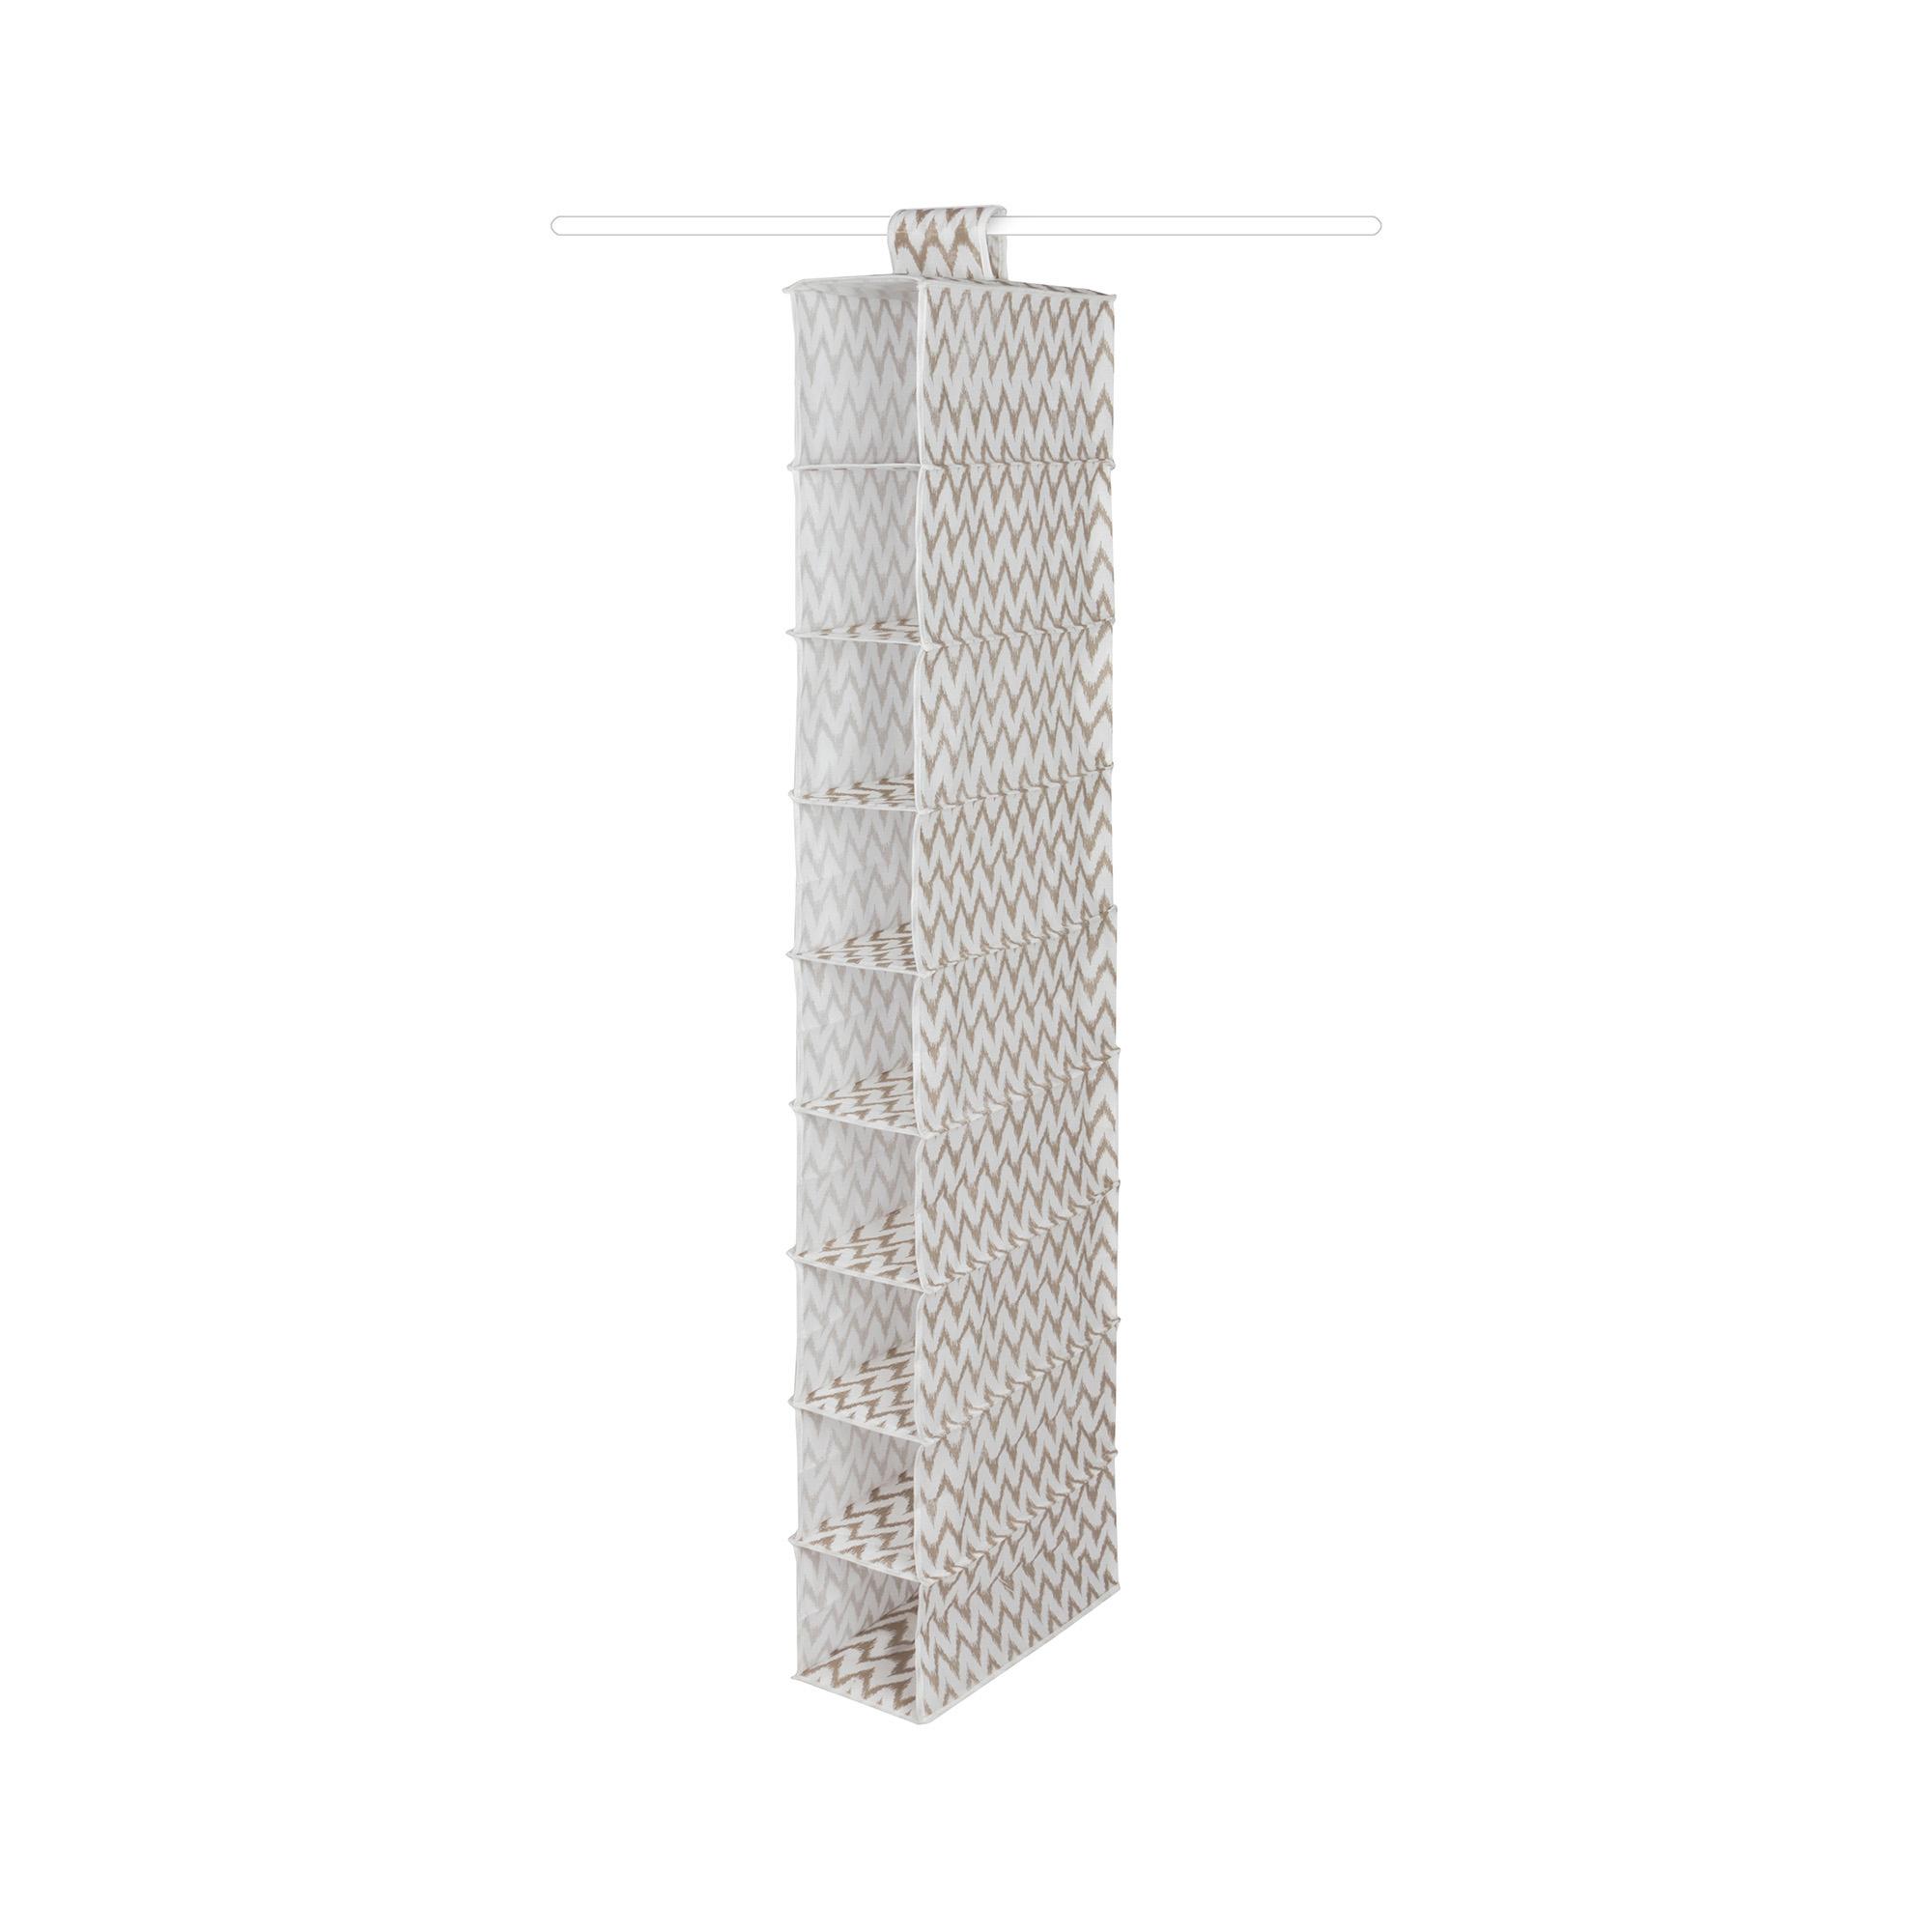 Étagère souple à suspendre 9 niveaux H128cm (photo)